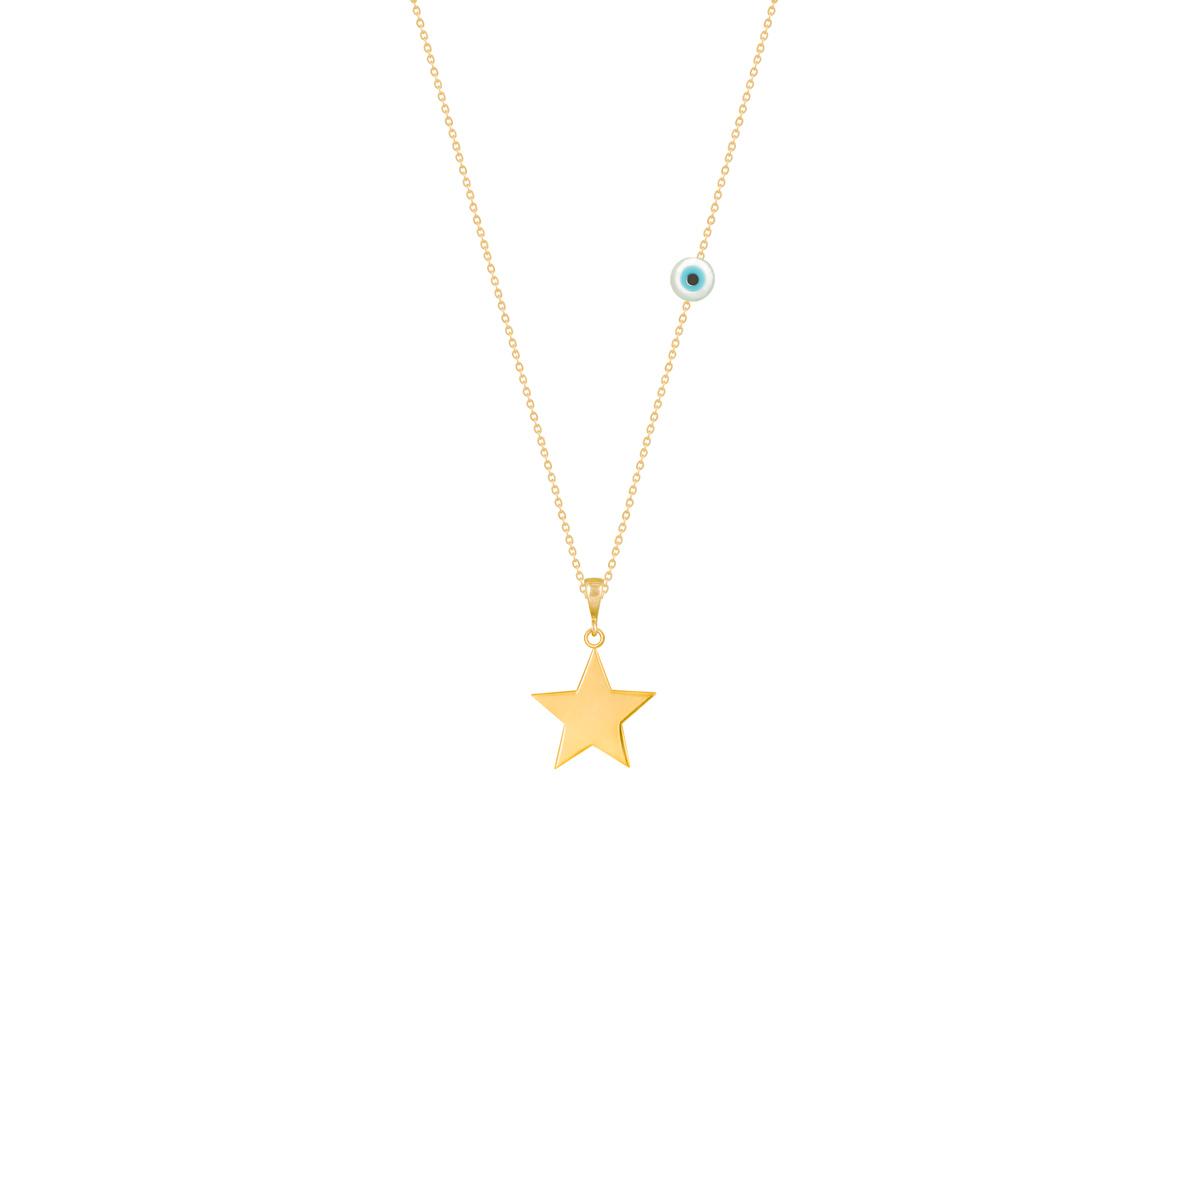 گردنبند طلا ستاره با سنگ چشم نظرپرسته